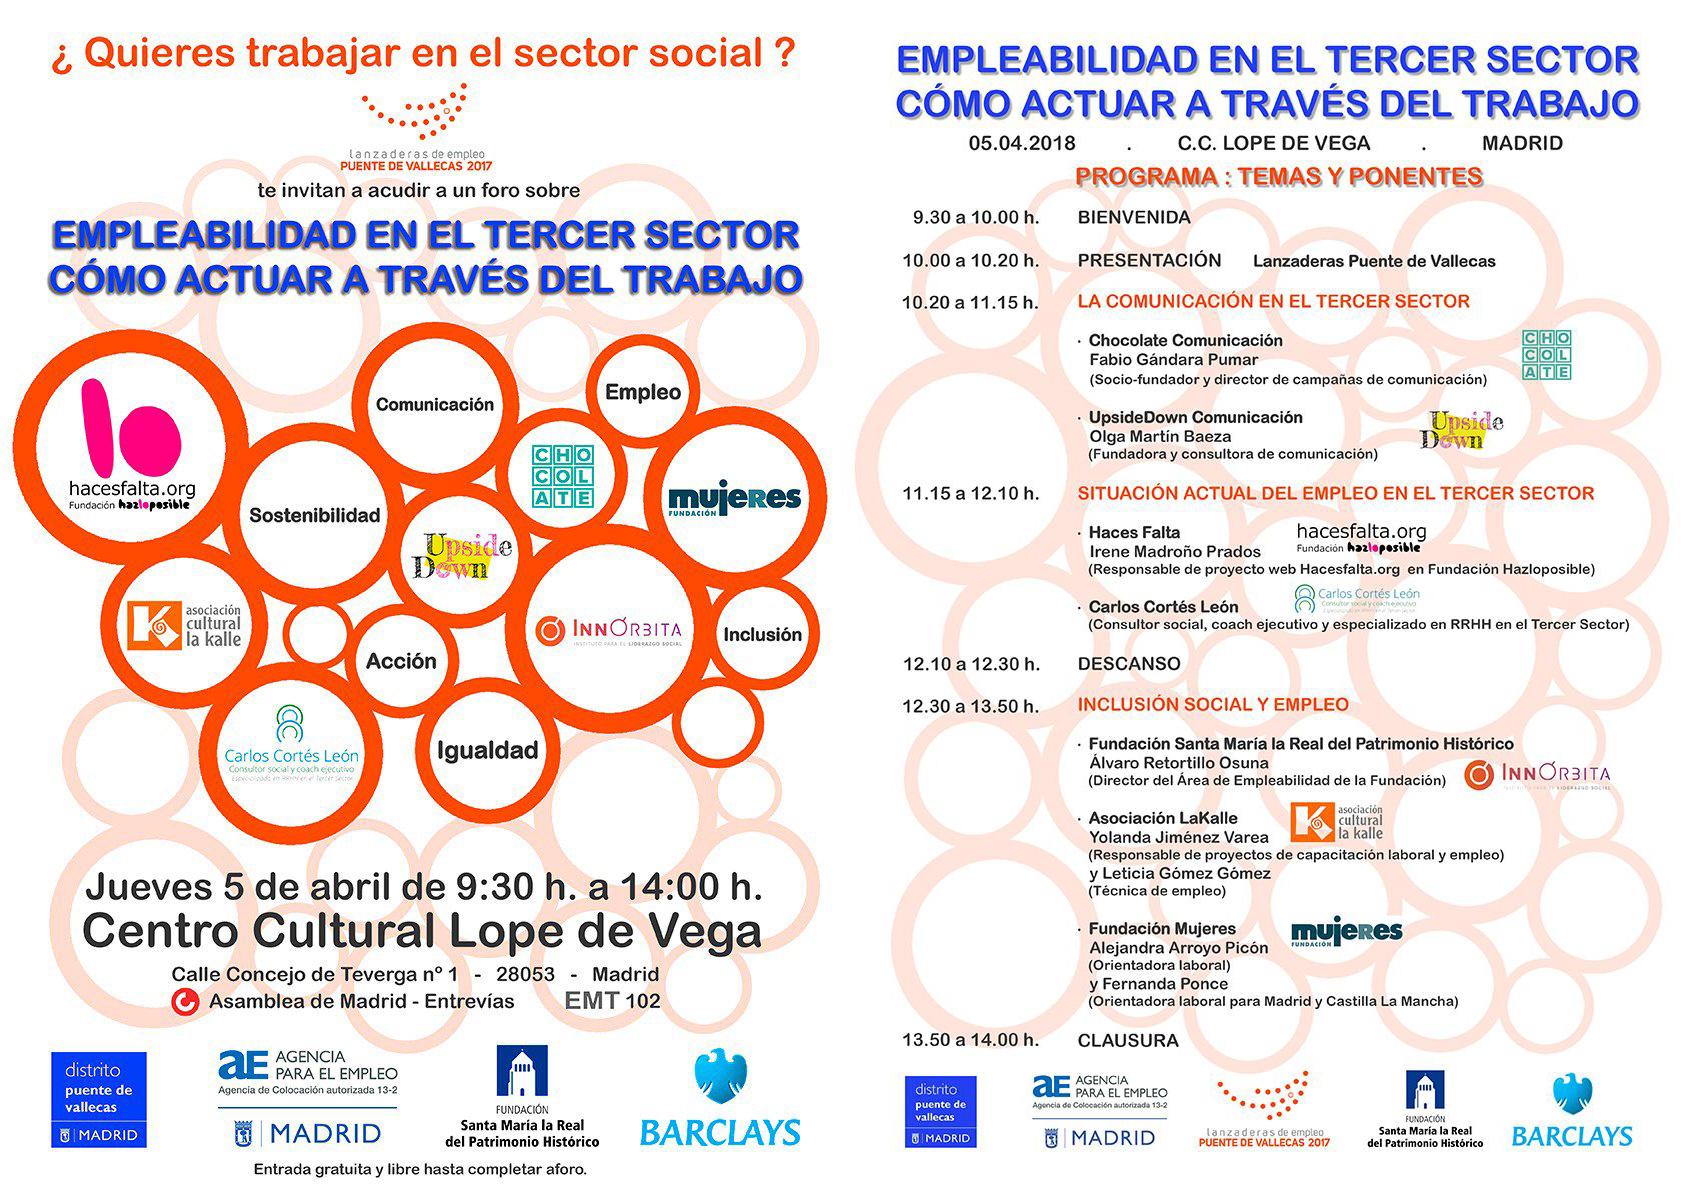 Programa: Temas y ponentes de la jornada